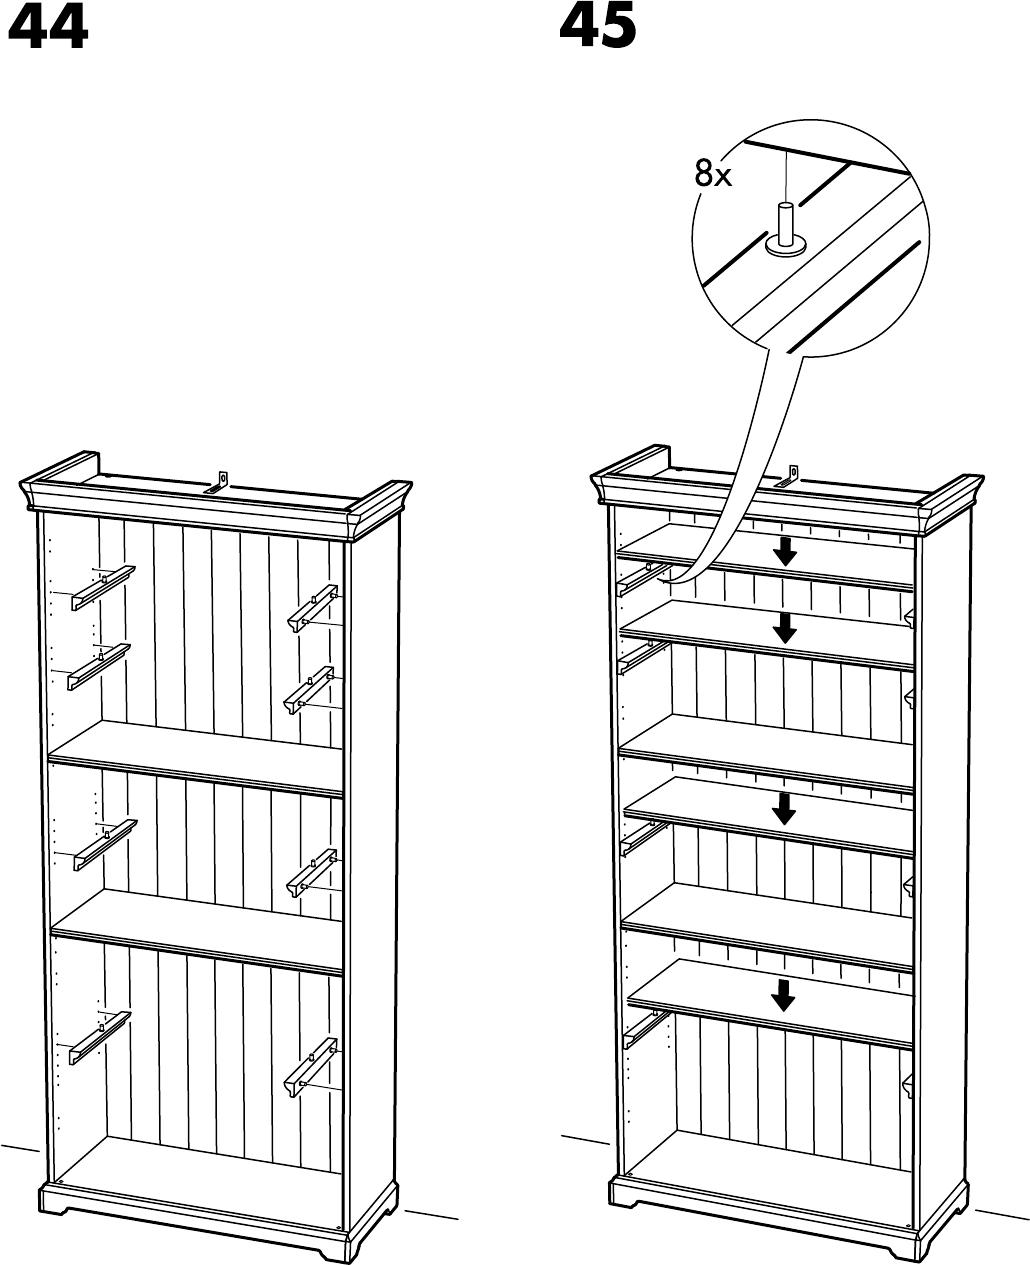 Handleiding Ikea LIATORP boekenkast (pagina 31 van 32) (Alle talen)